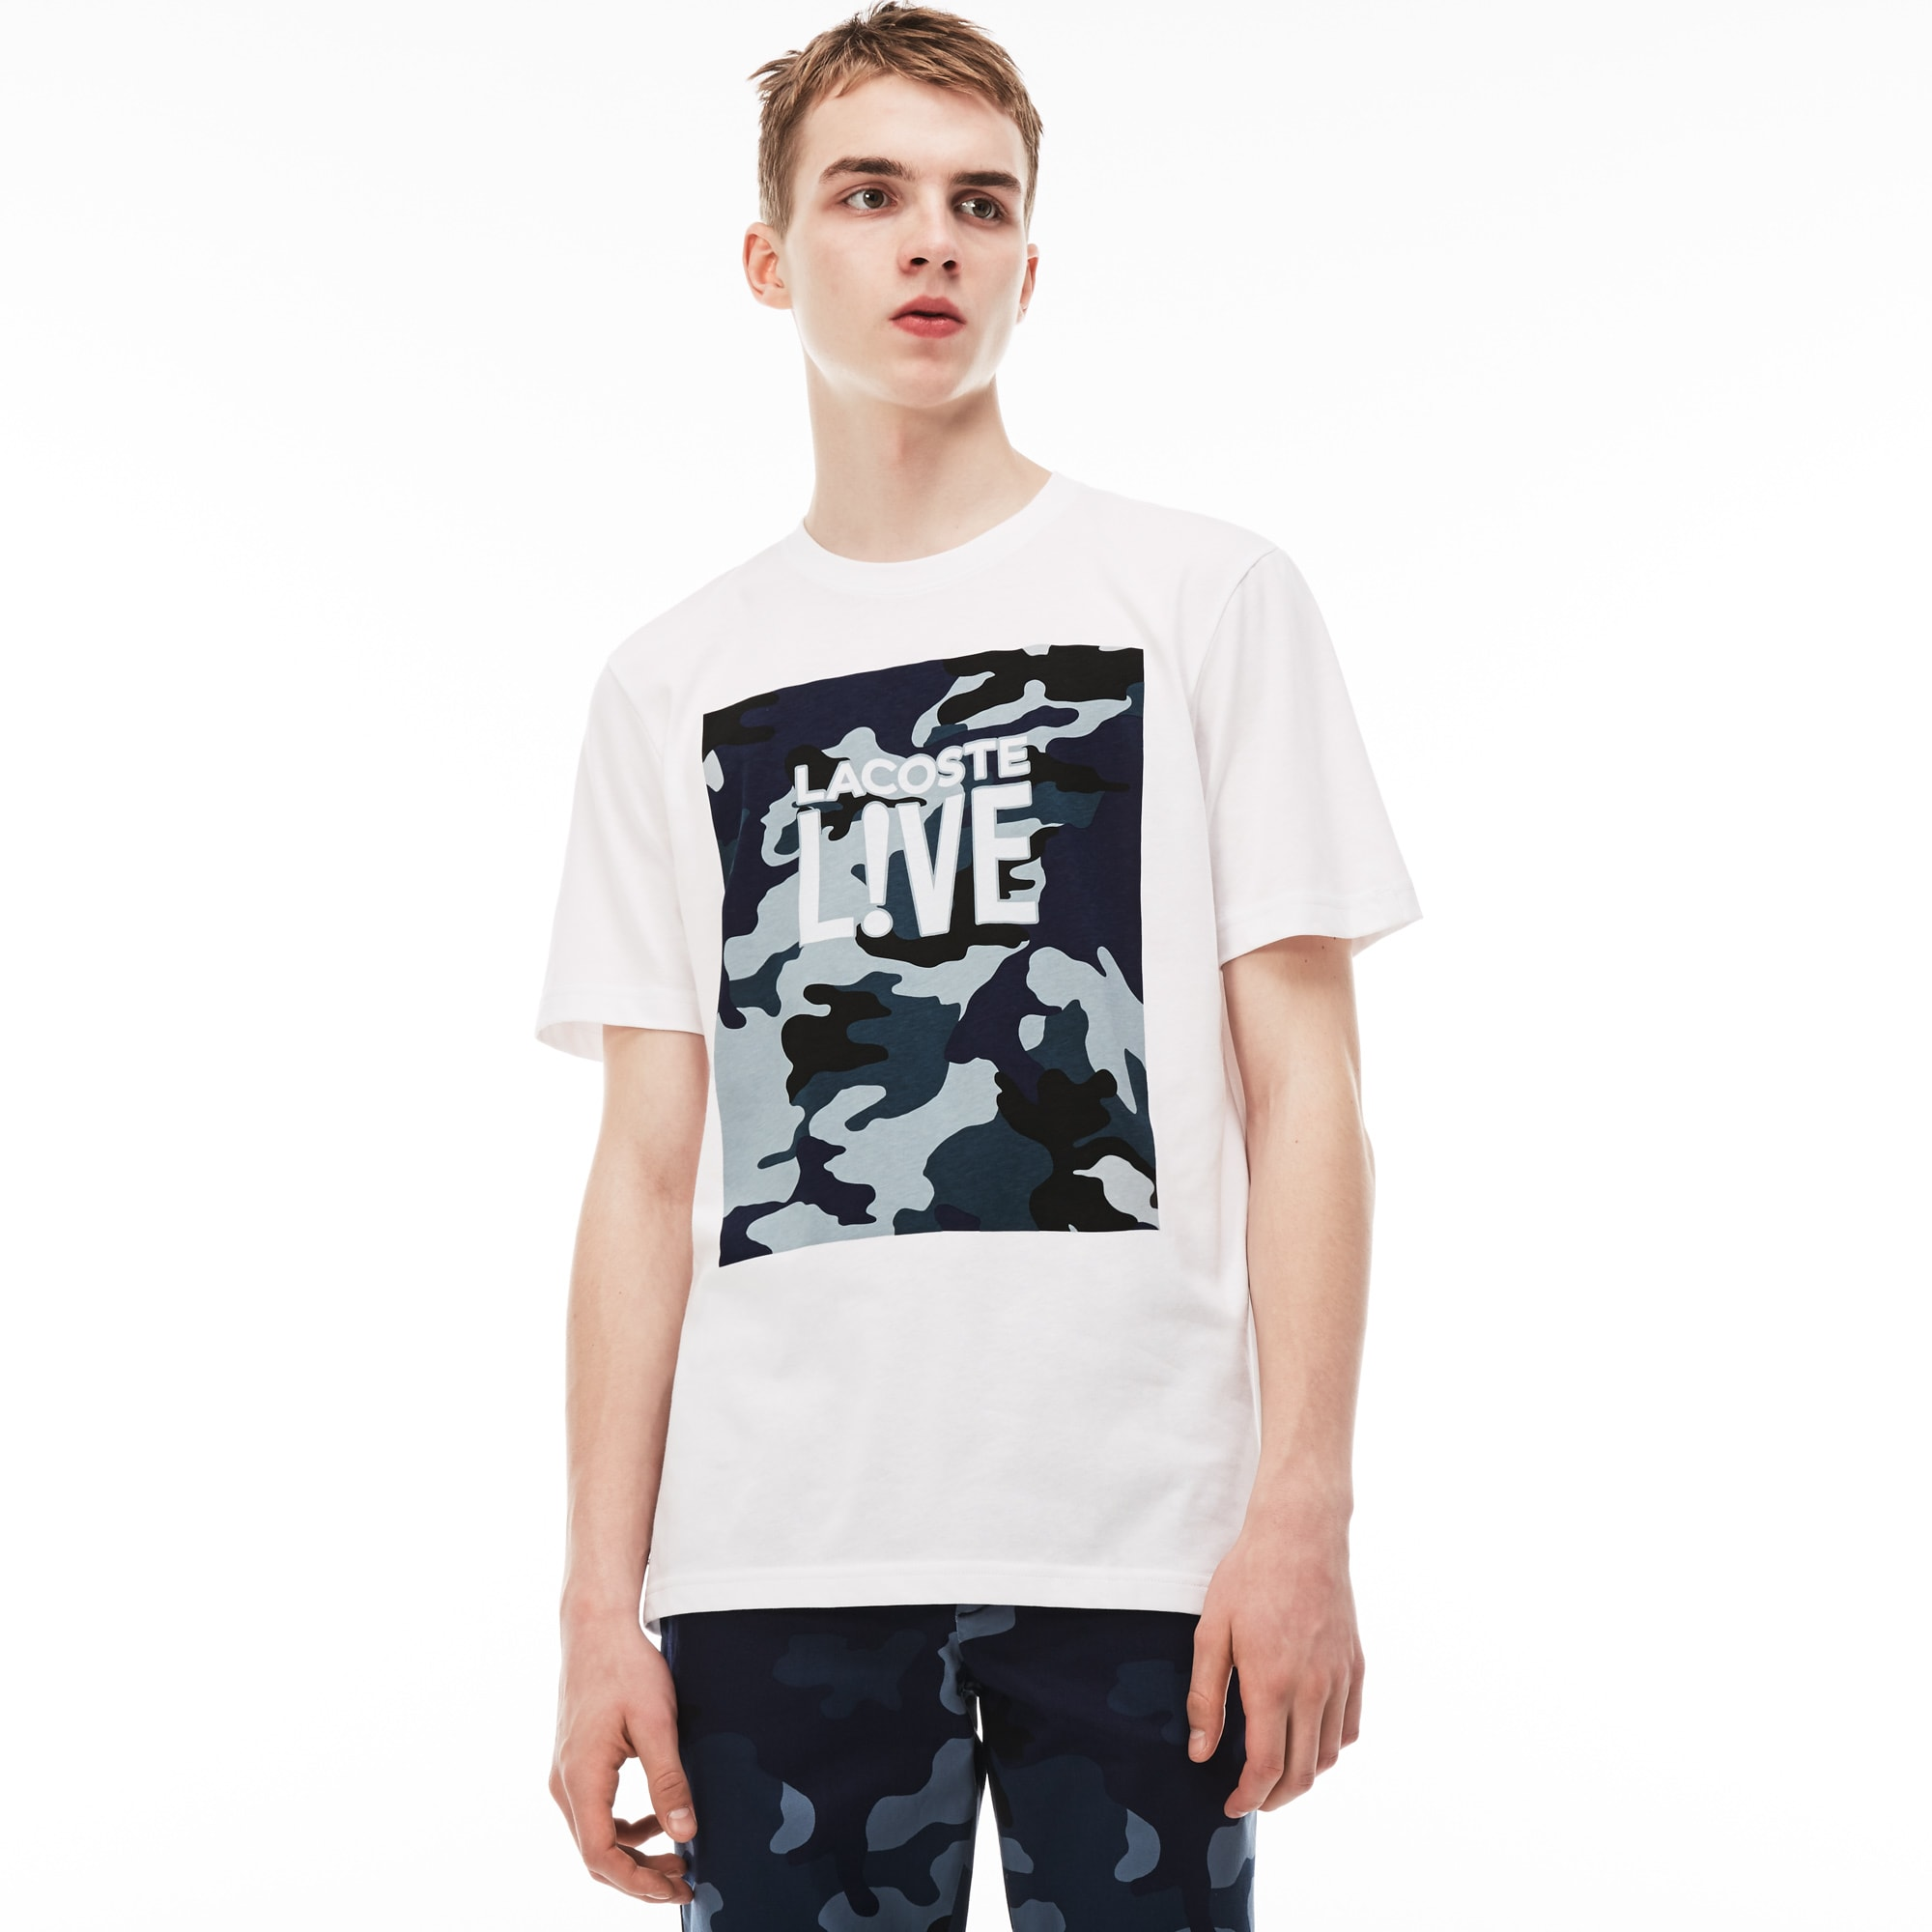 Men's Lacoste LIVE Crew Neck Print Design Jersey T-shirt